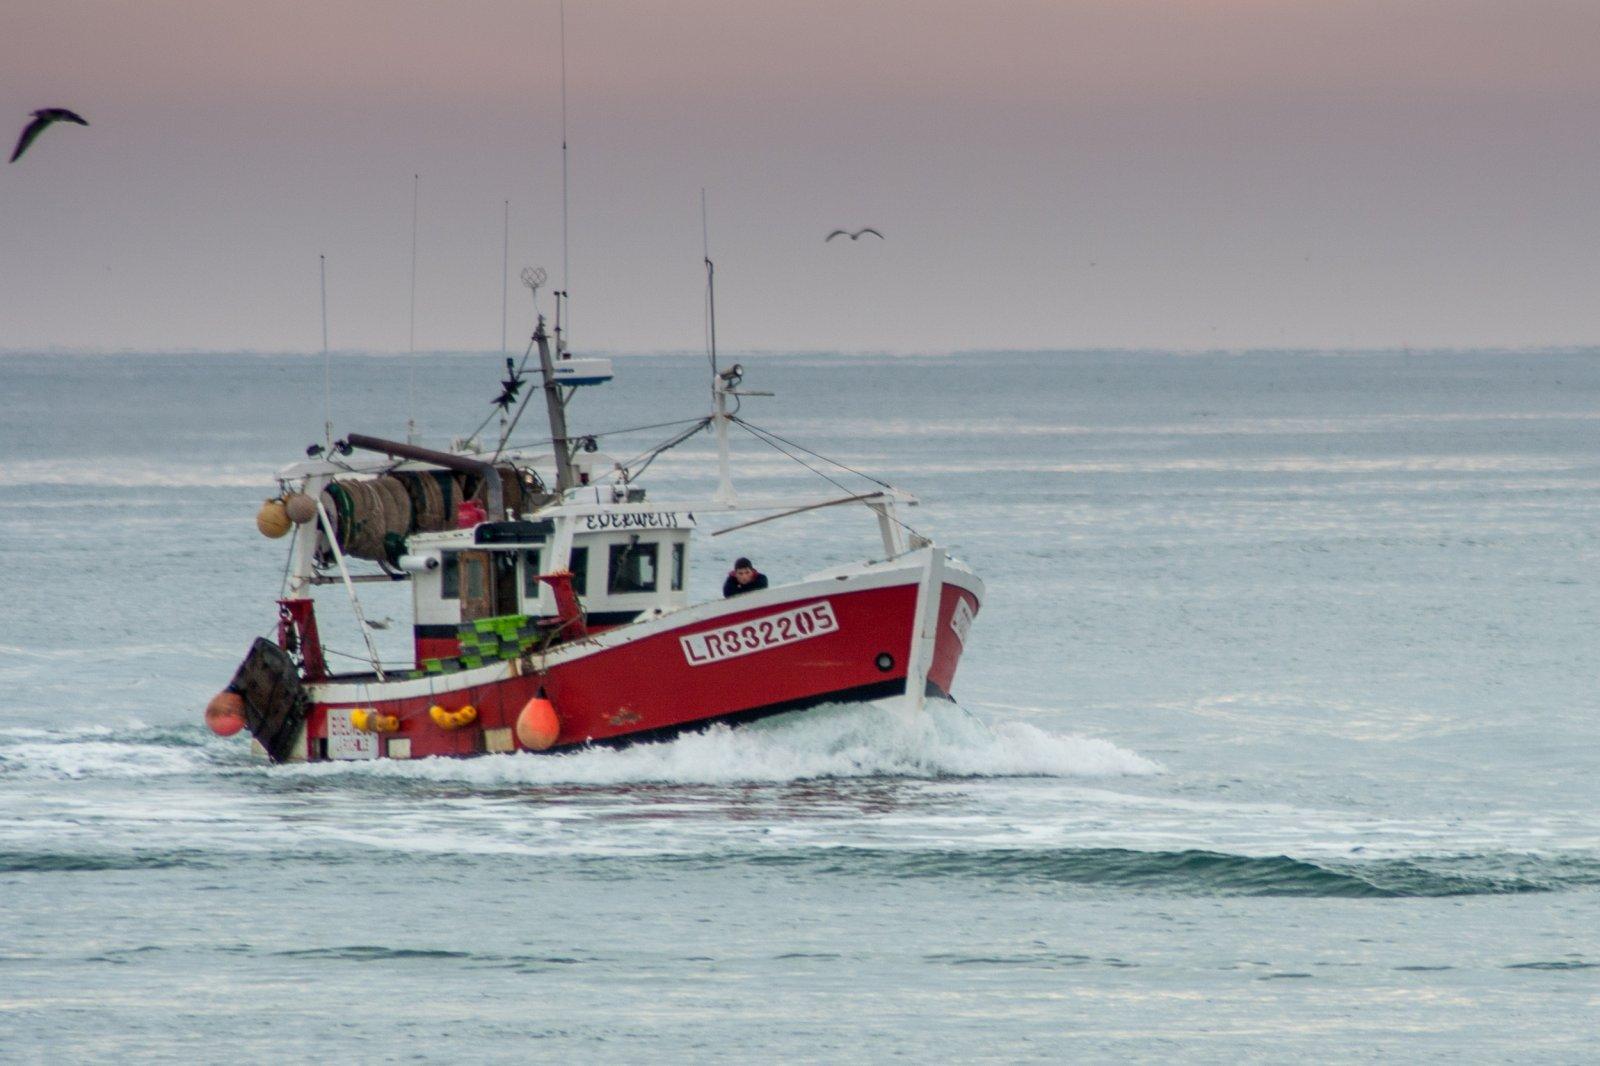 Fonds d'écran Bateaux Bateaux de pêche une autre photo de retour de pêche avec un bateau rouge.....